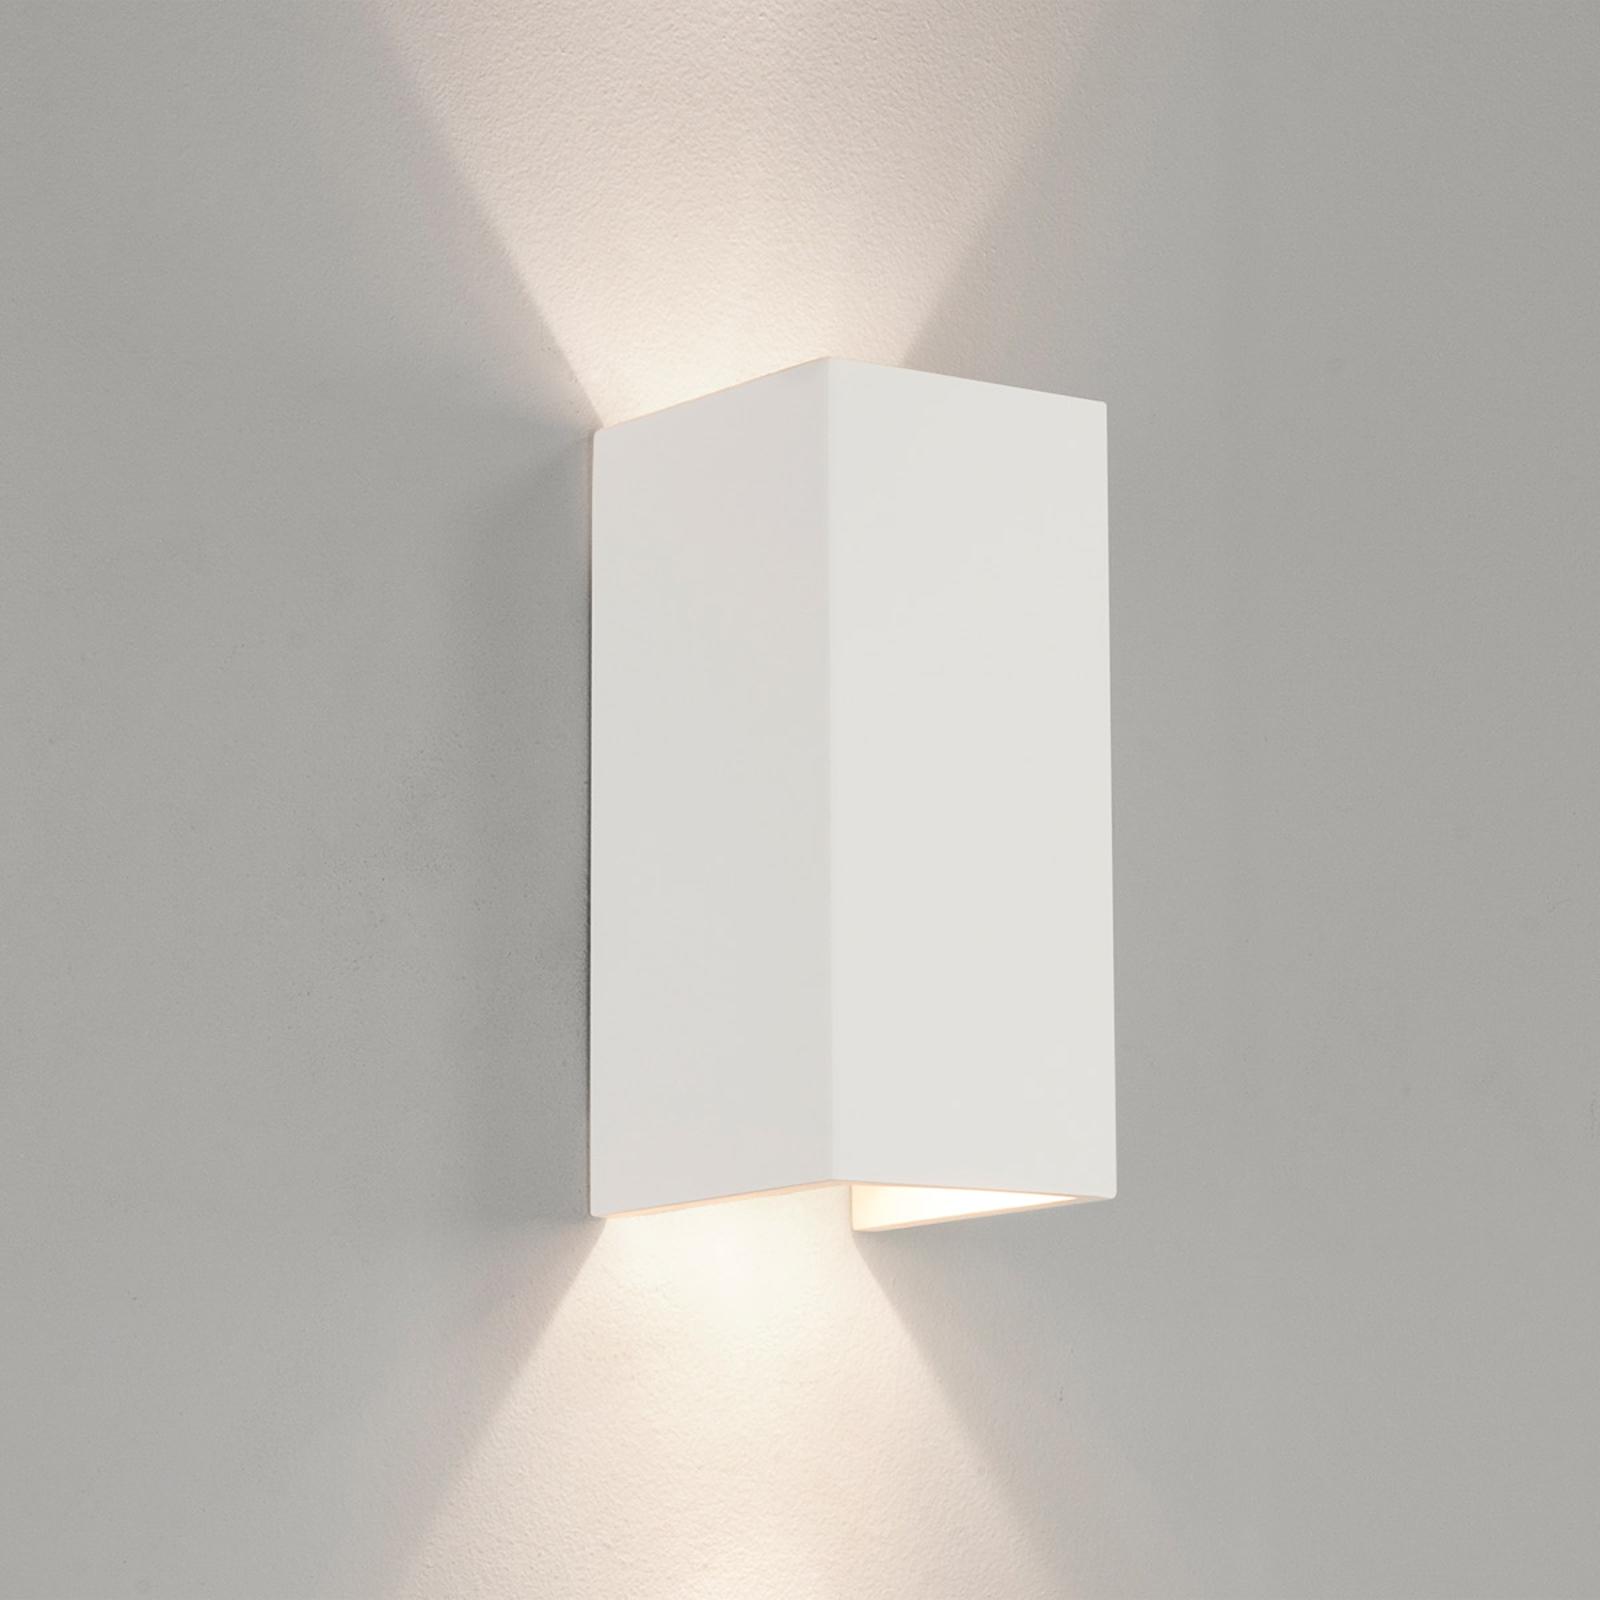 Astro Parma 210 nástěnné světlo v bílé barvě